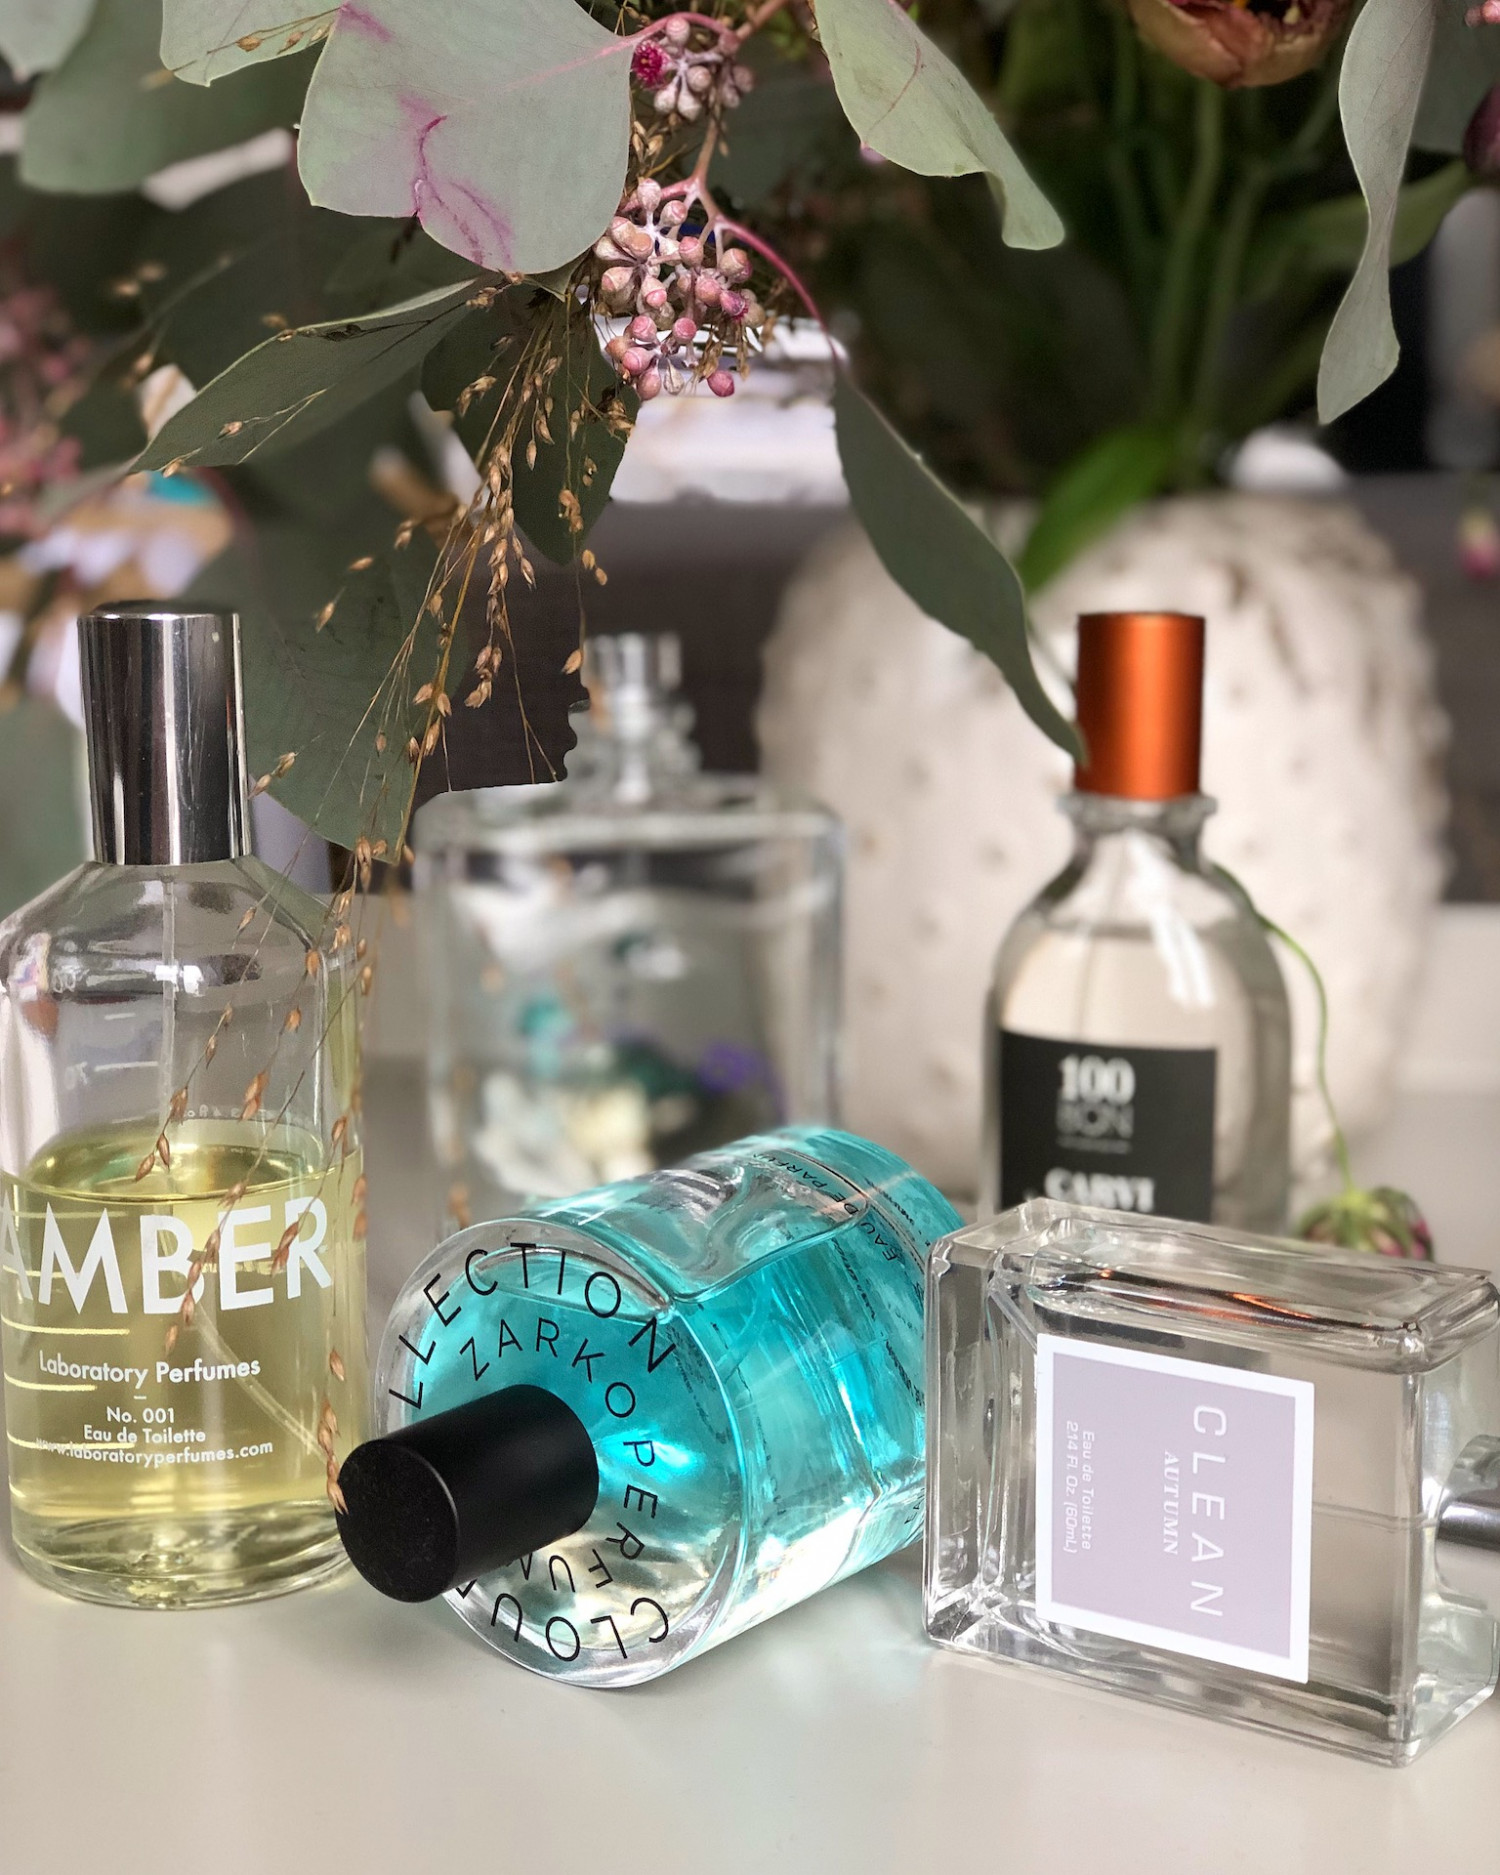 laboratory perfumes zarkoperfume escentric molecules clean perfume le couvent 100bon dufte juleønsker urbannotes.dk